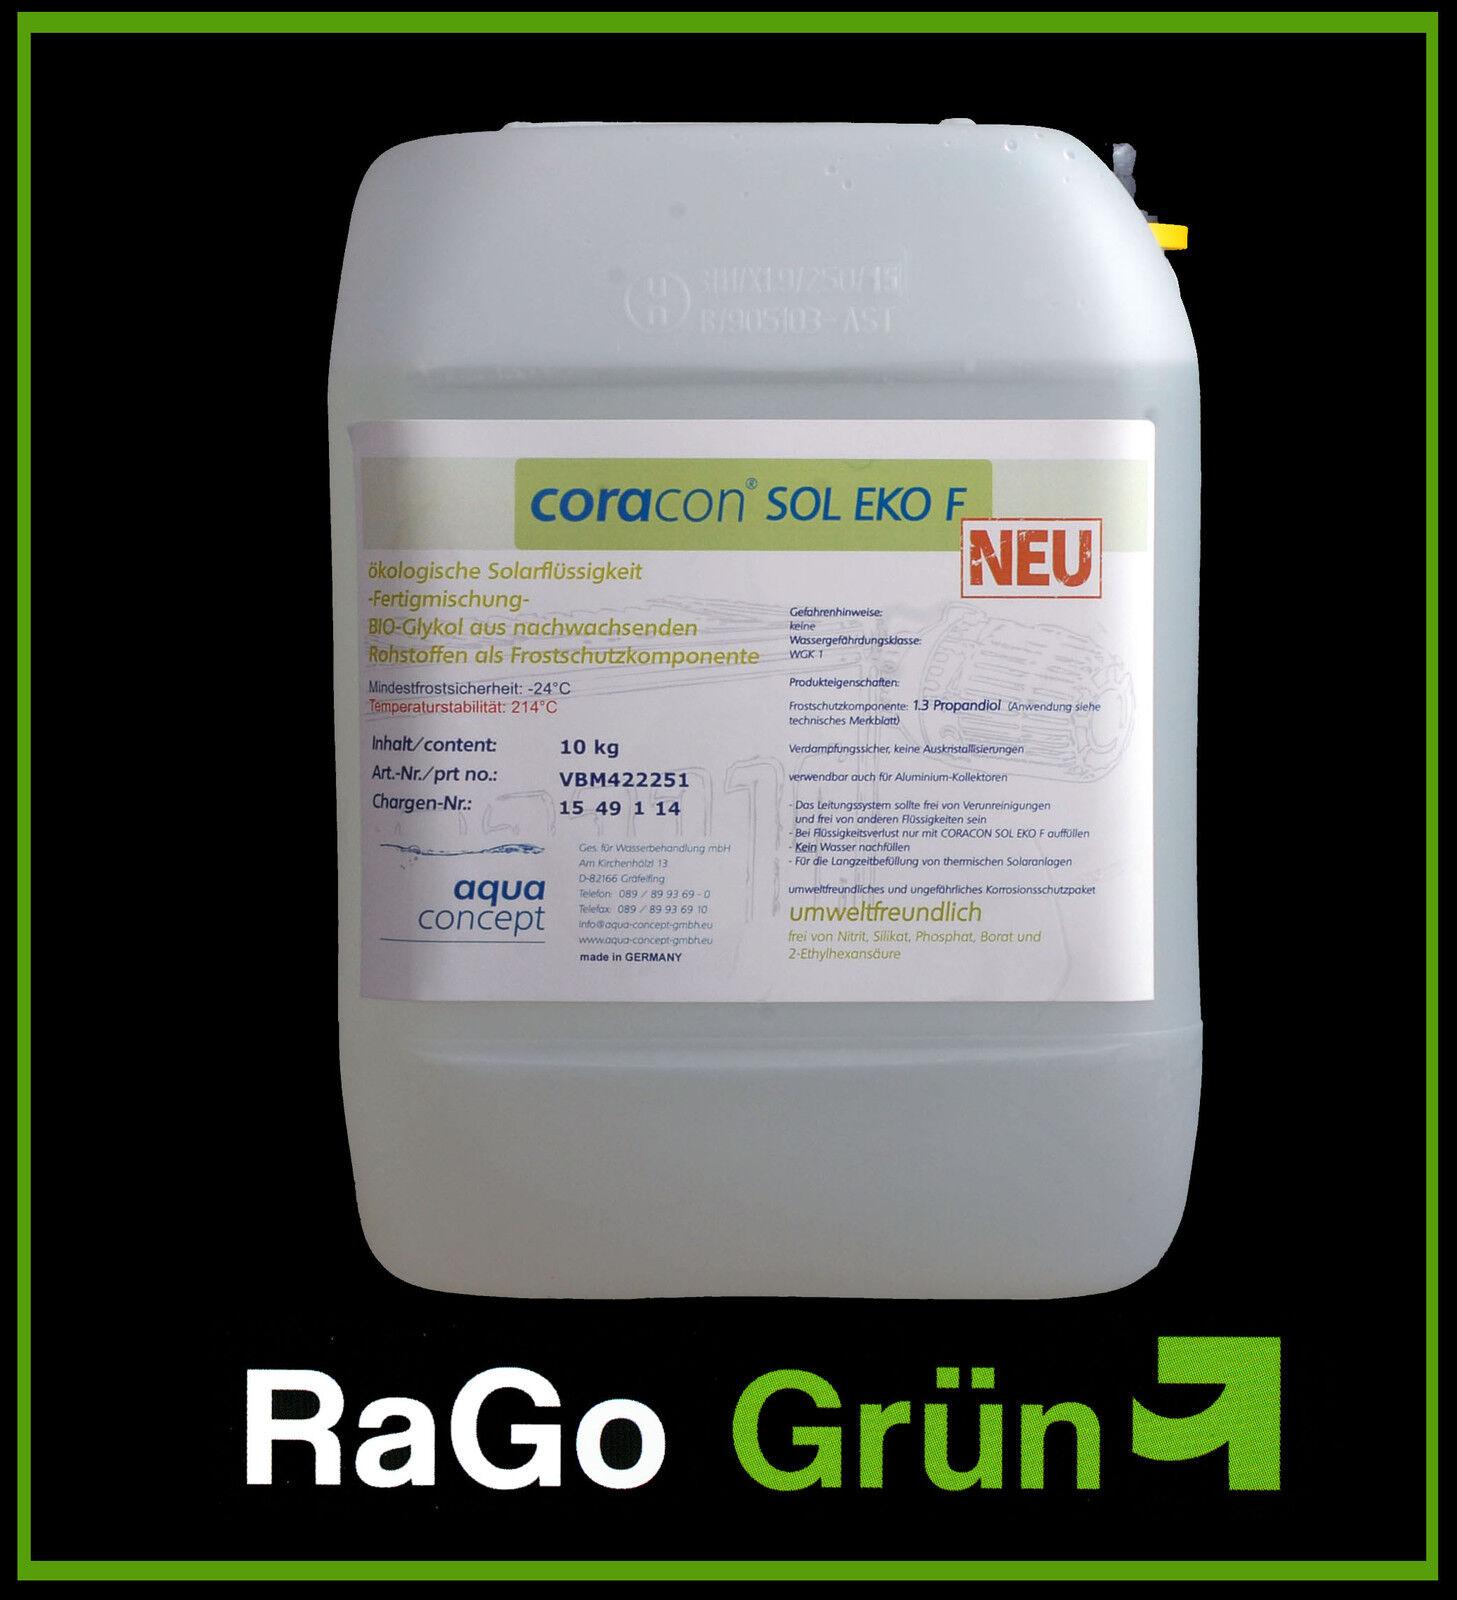 RaGo Bio-CORACON Sol EKO F: Ökologische Solarflüssigkeit 10 L - Neuheit